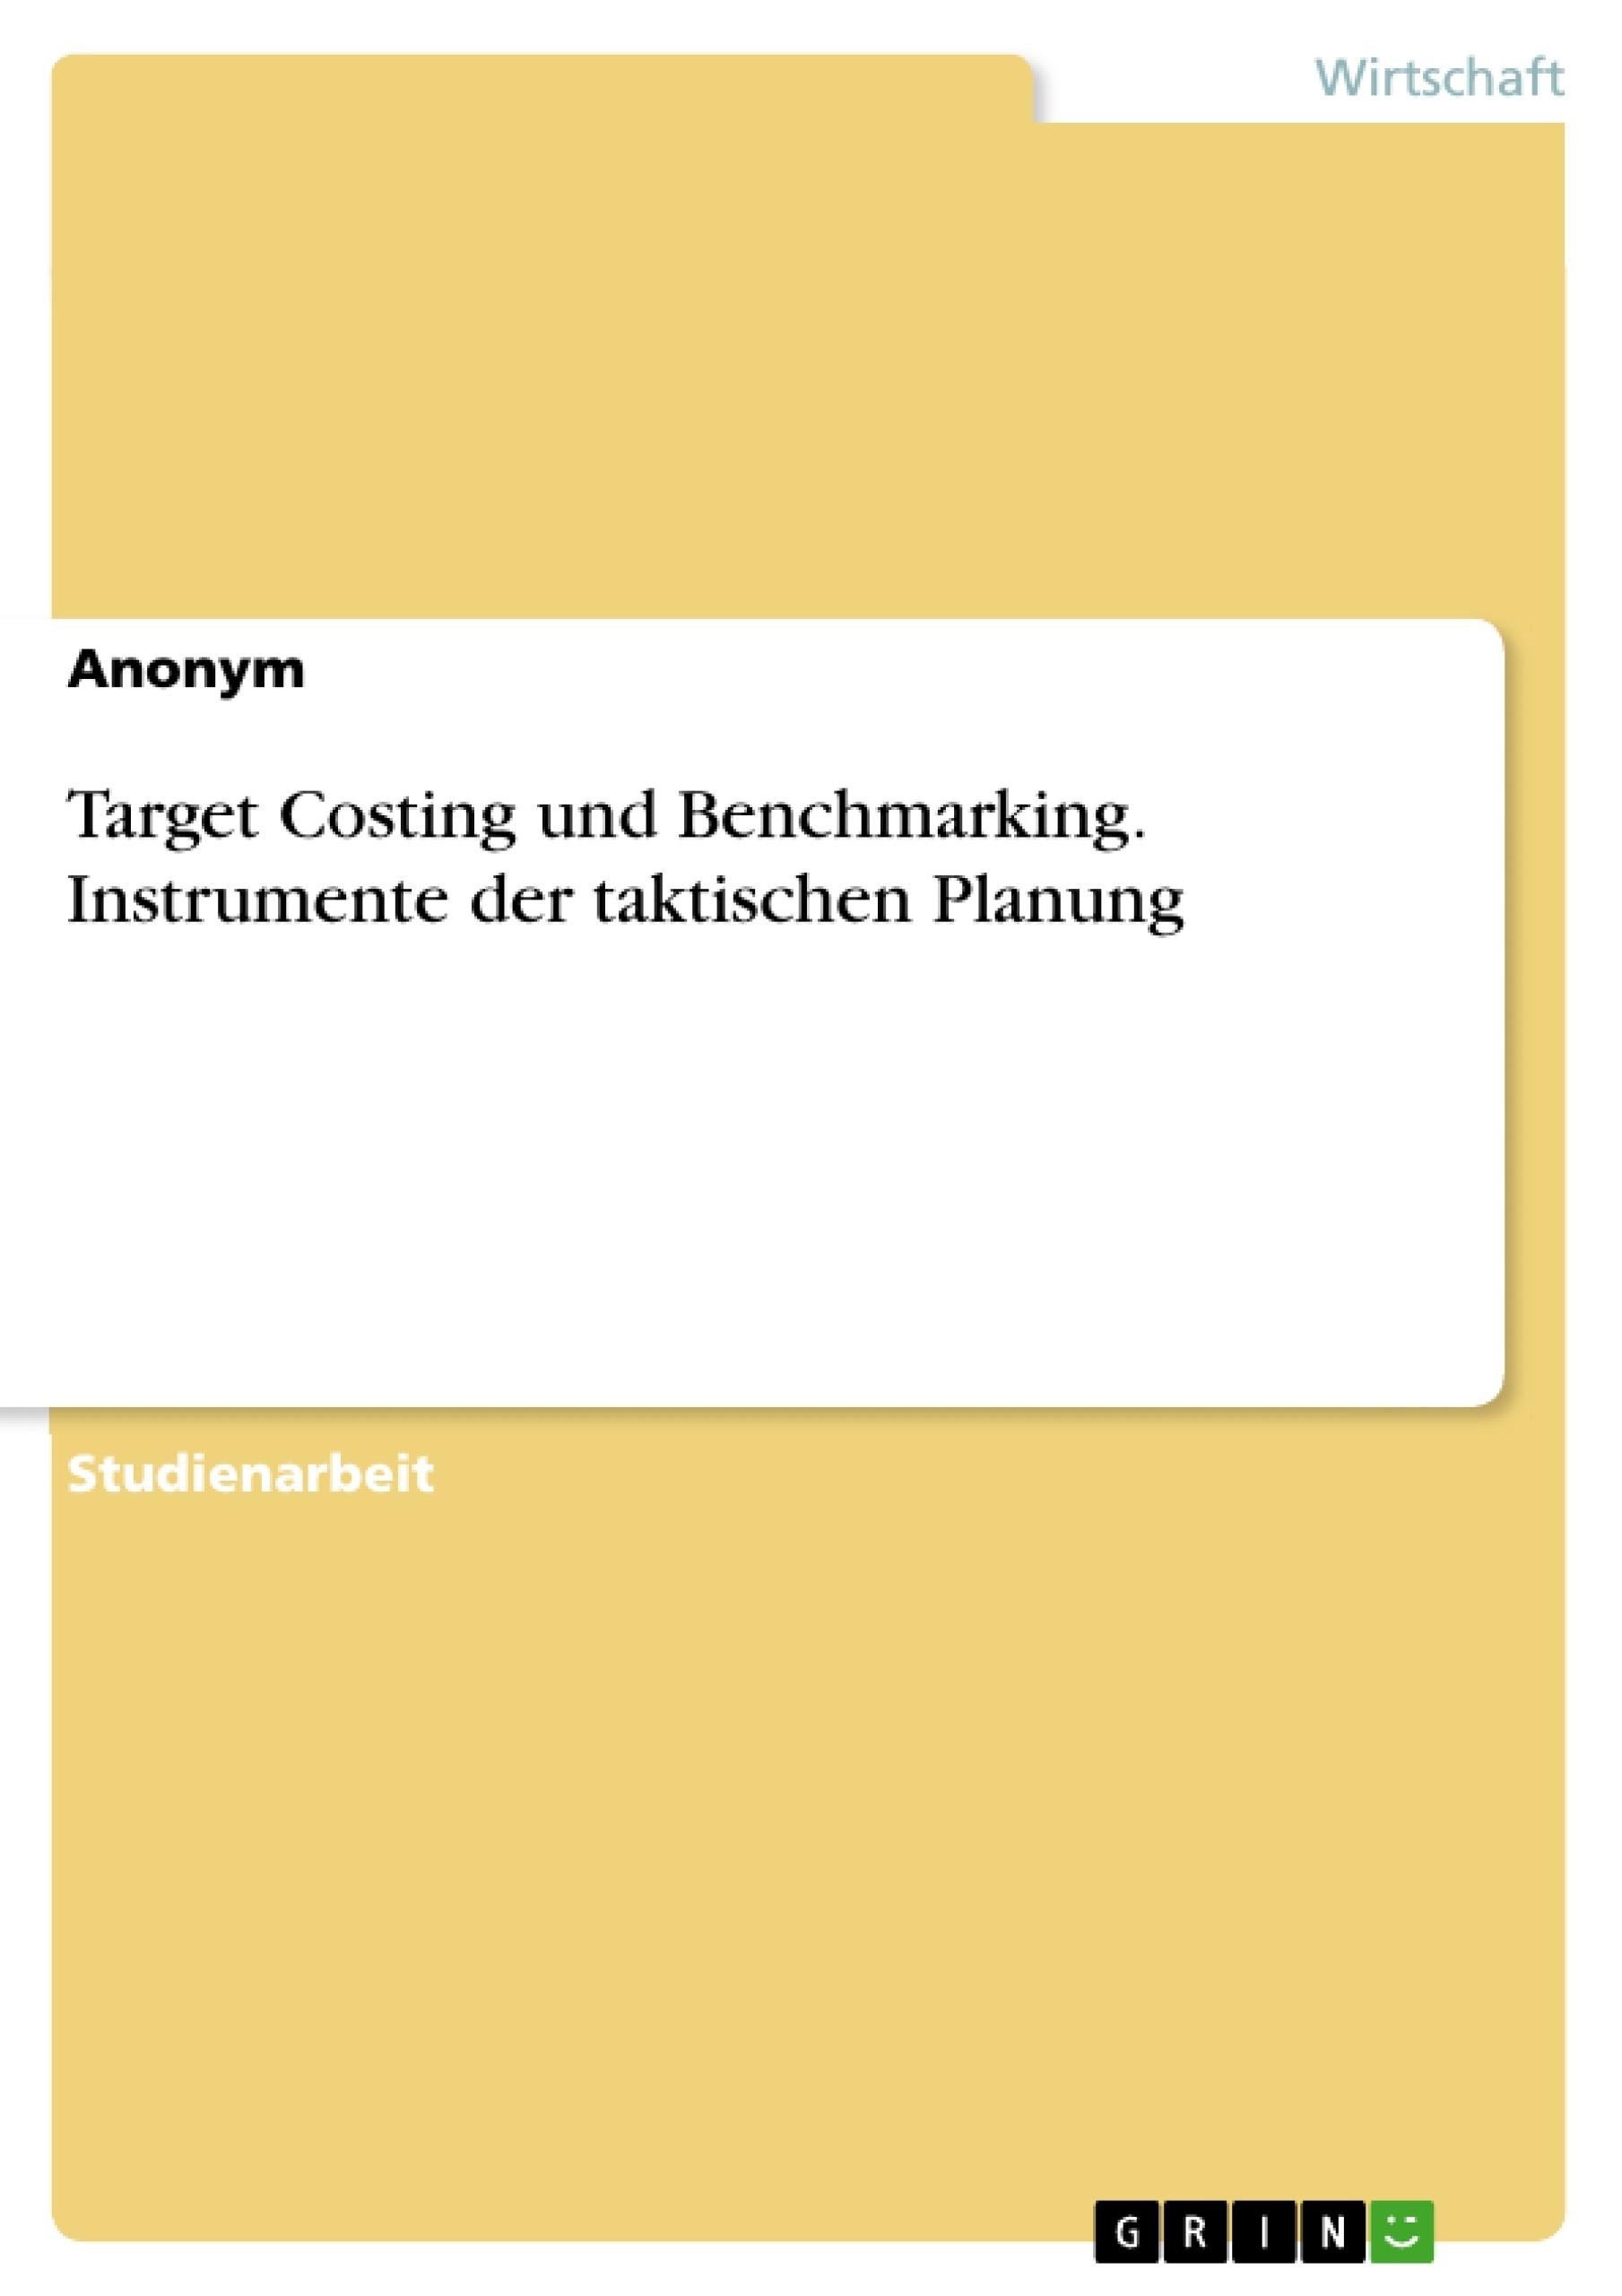 Titel: Target Costing und Benchmarking. Instrumente der taktischen Planung